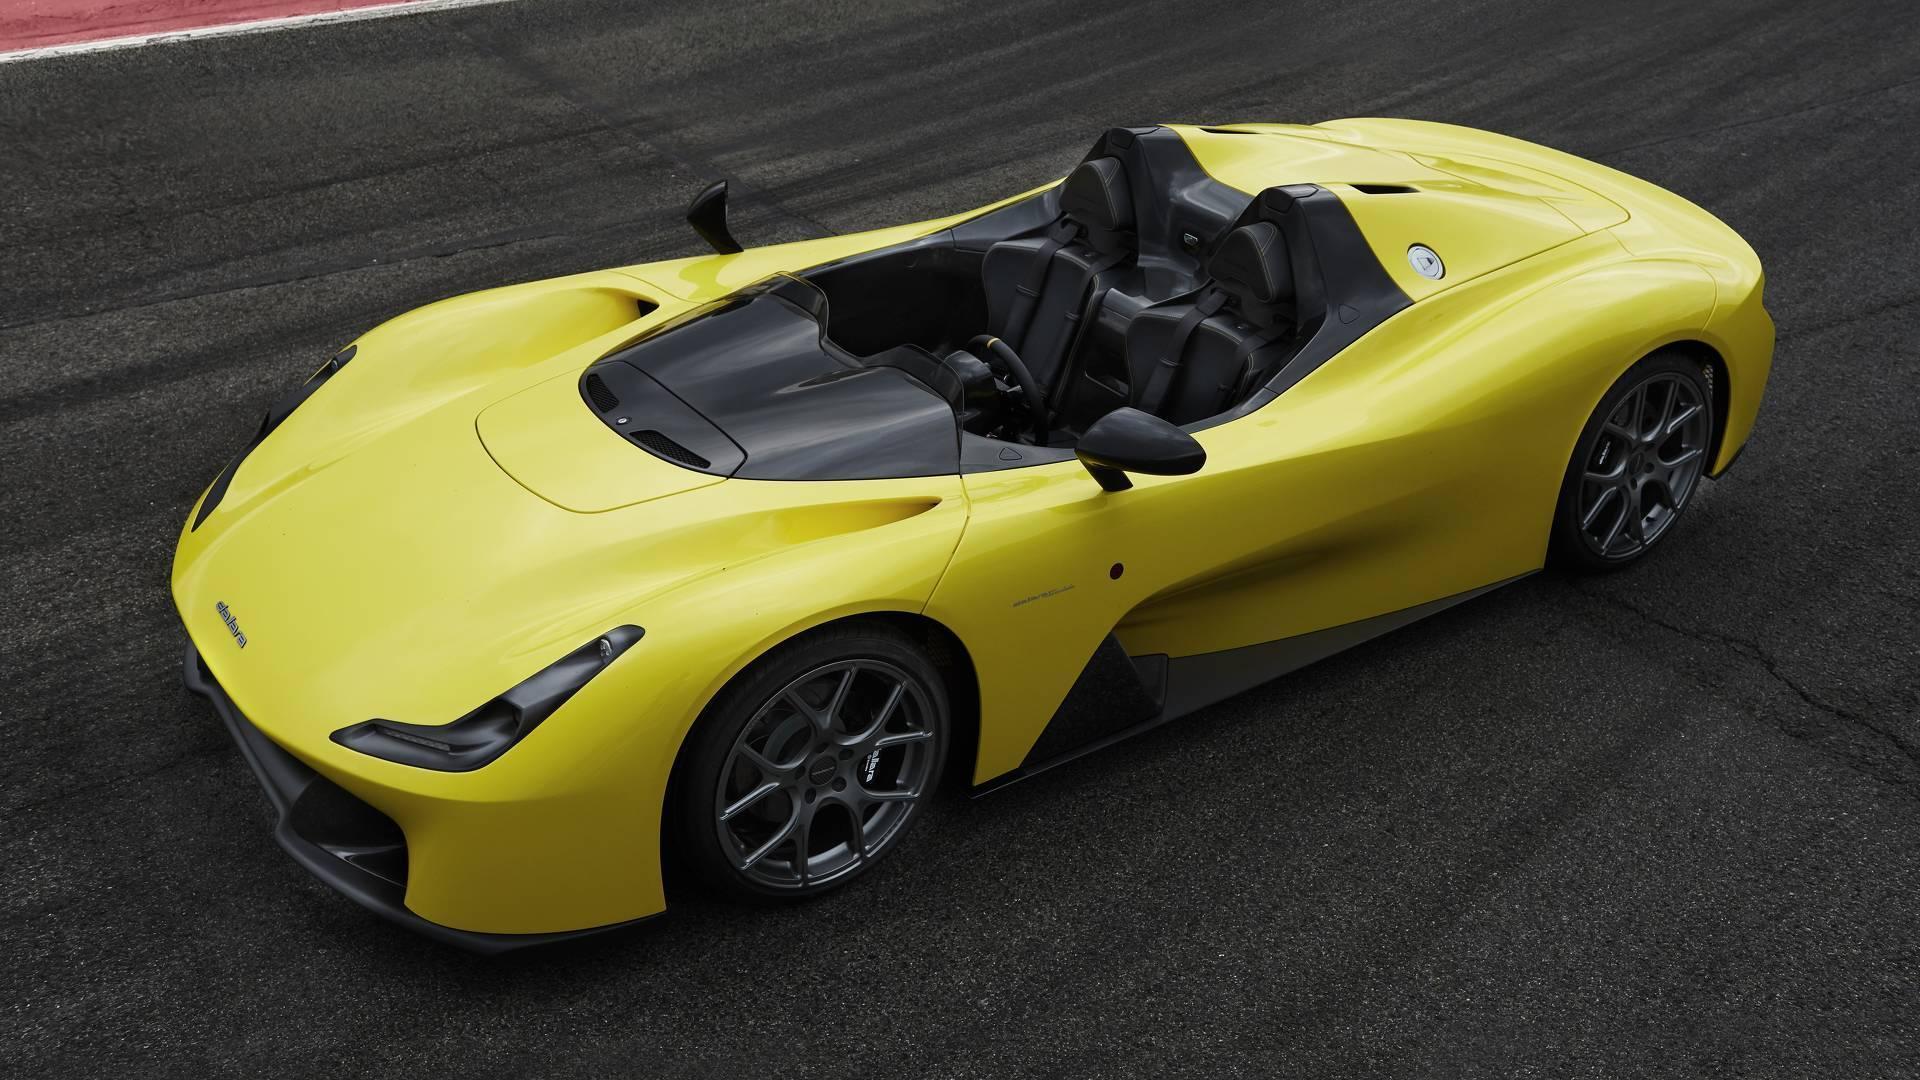 Dallara доверила разработку шин для своего первого дорожного автомобиля компании Пирелли